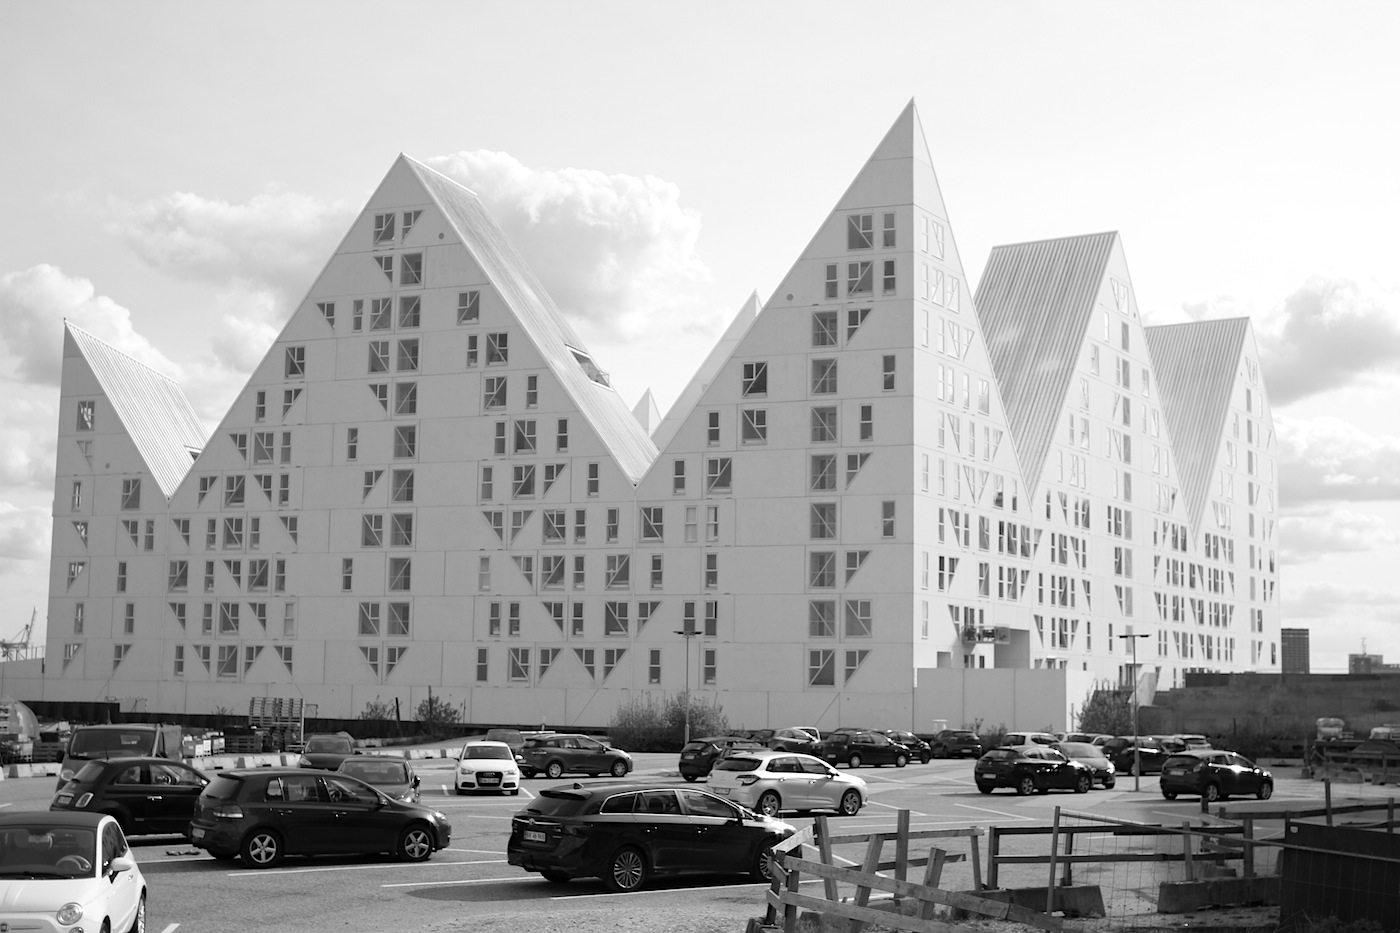 Der Eisberg.  wurde von den vier Architekturbüros Julien de Smedt JDS (Kopenhagen), Louis Paillard (Paris),  SeArch (Amsterdam) und CEBRA (Aarhus) entworfen.